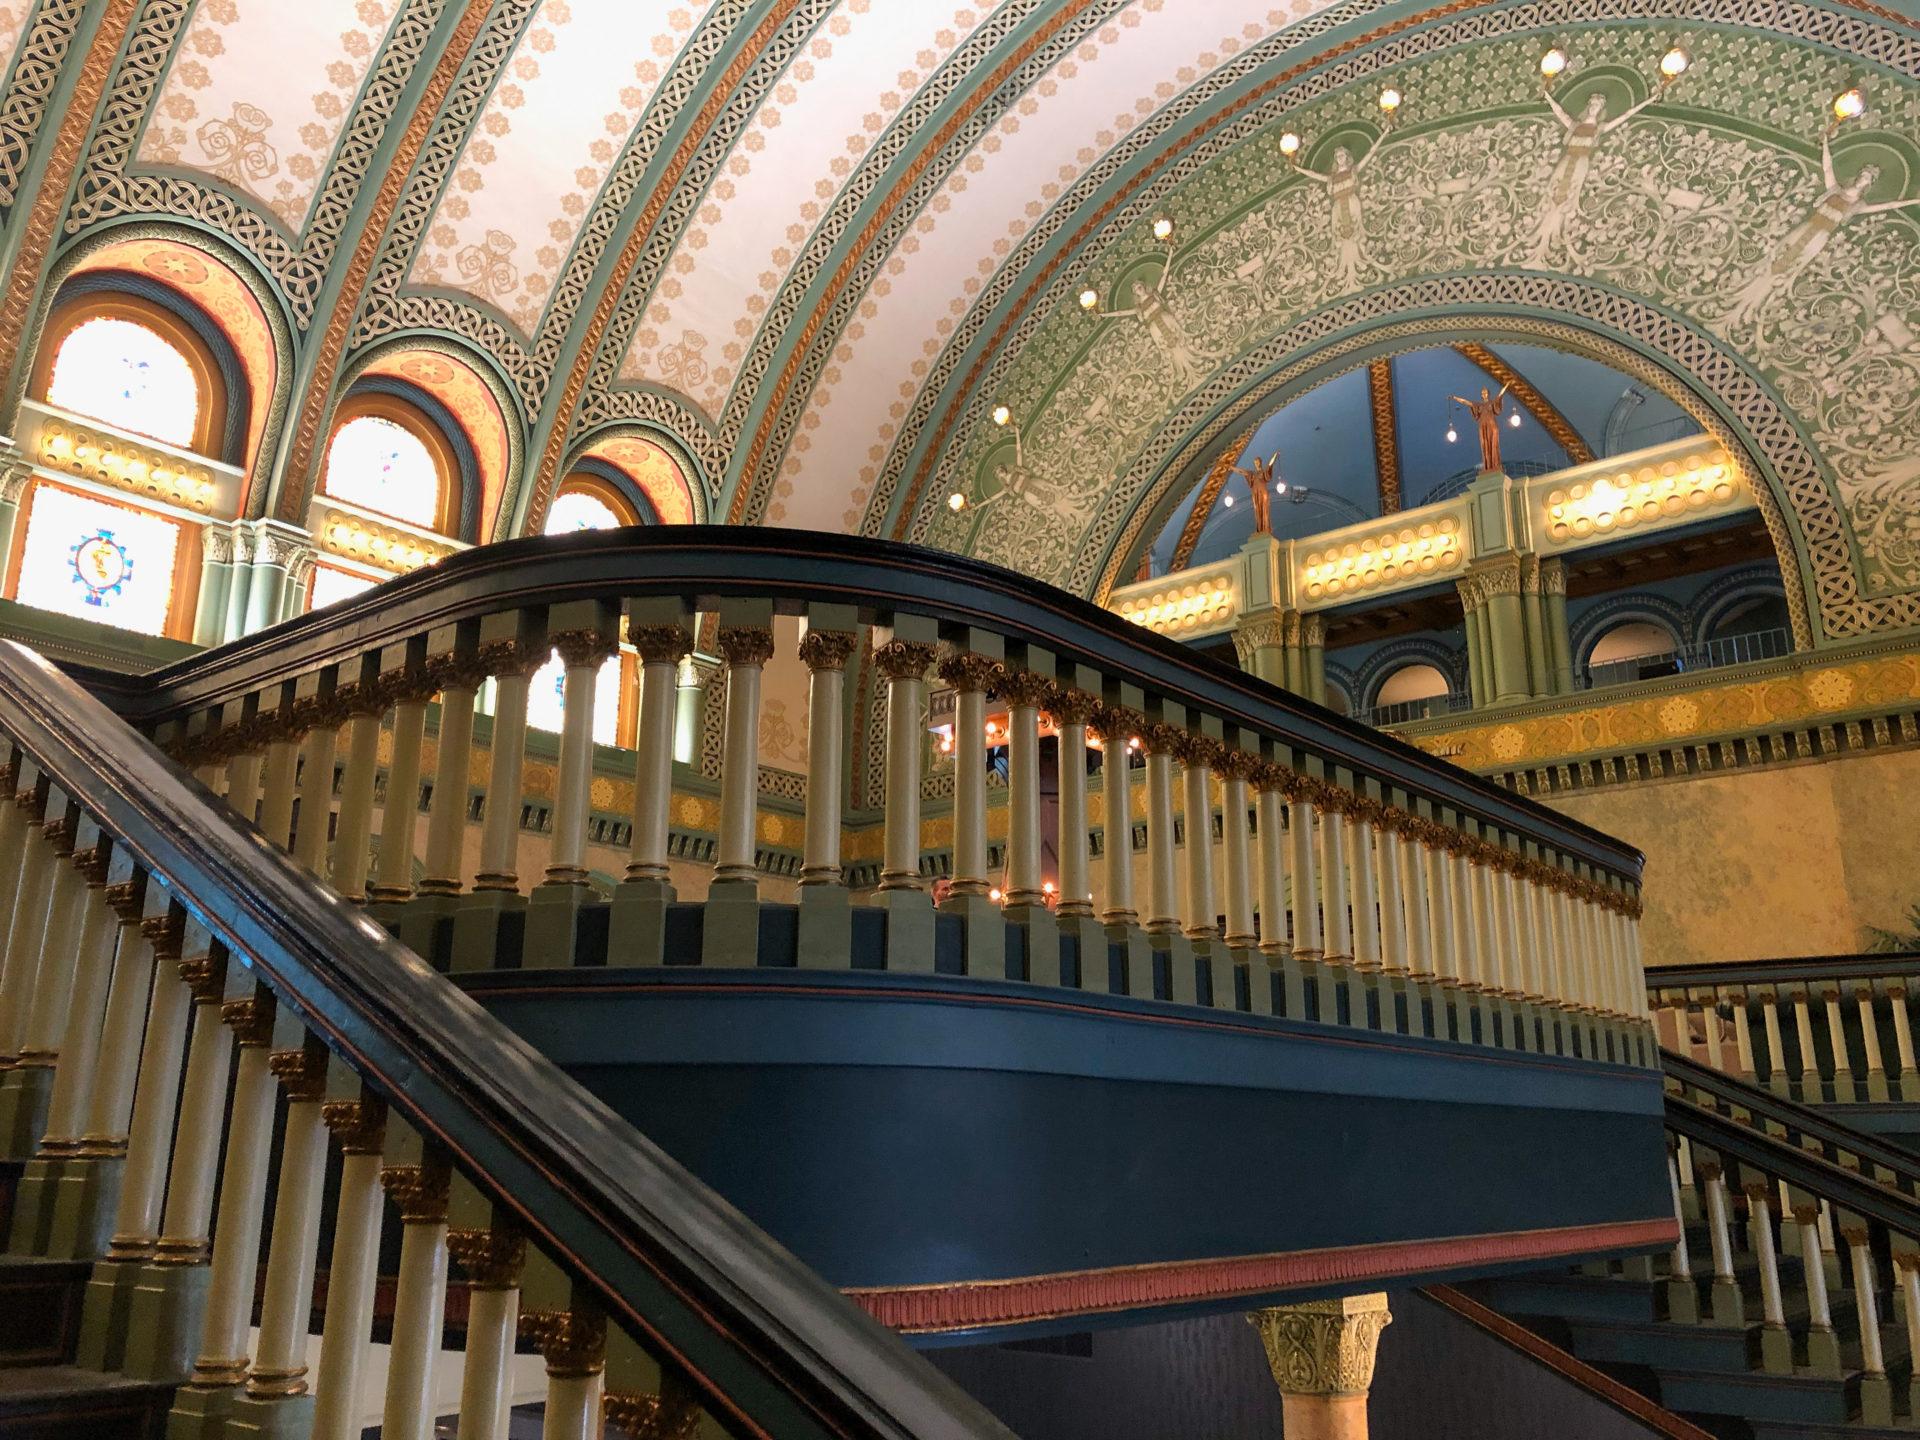 Treppen in der Empfangshalle der Union Station in St. Louis